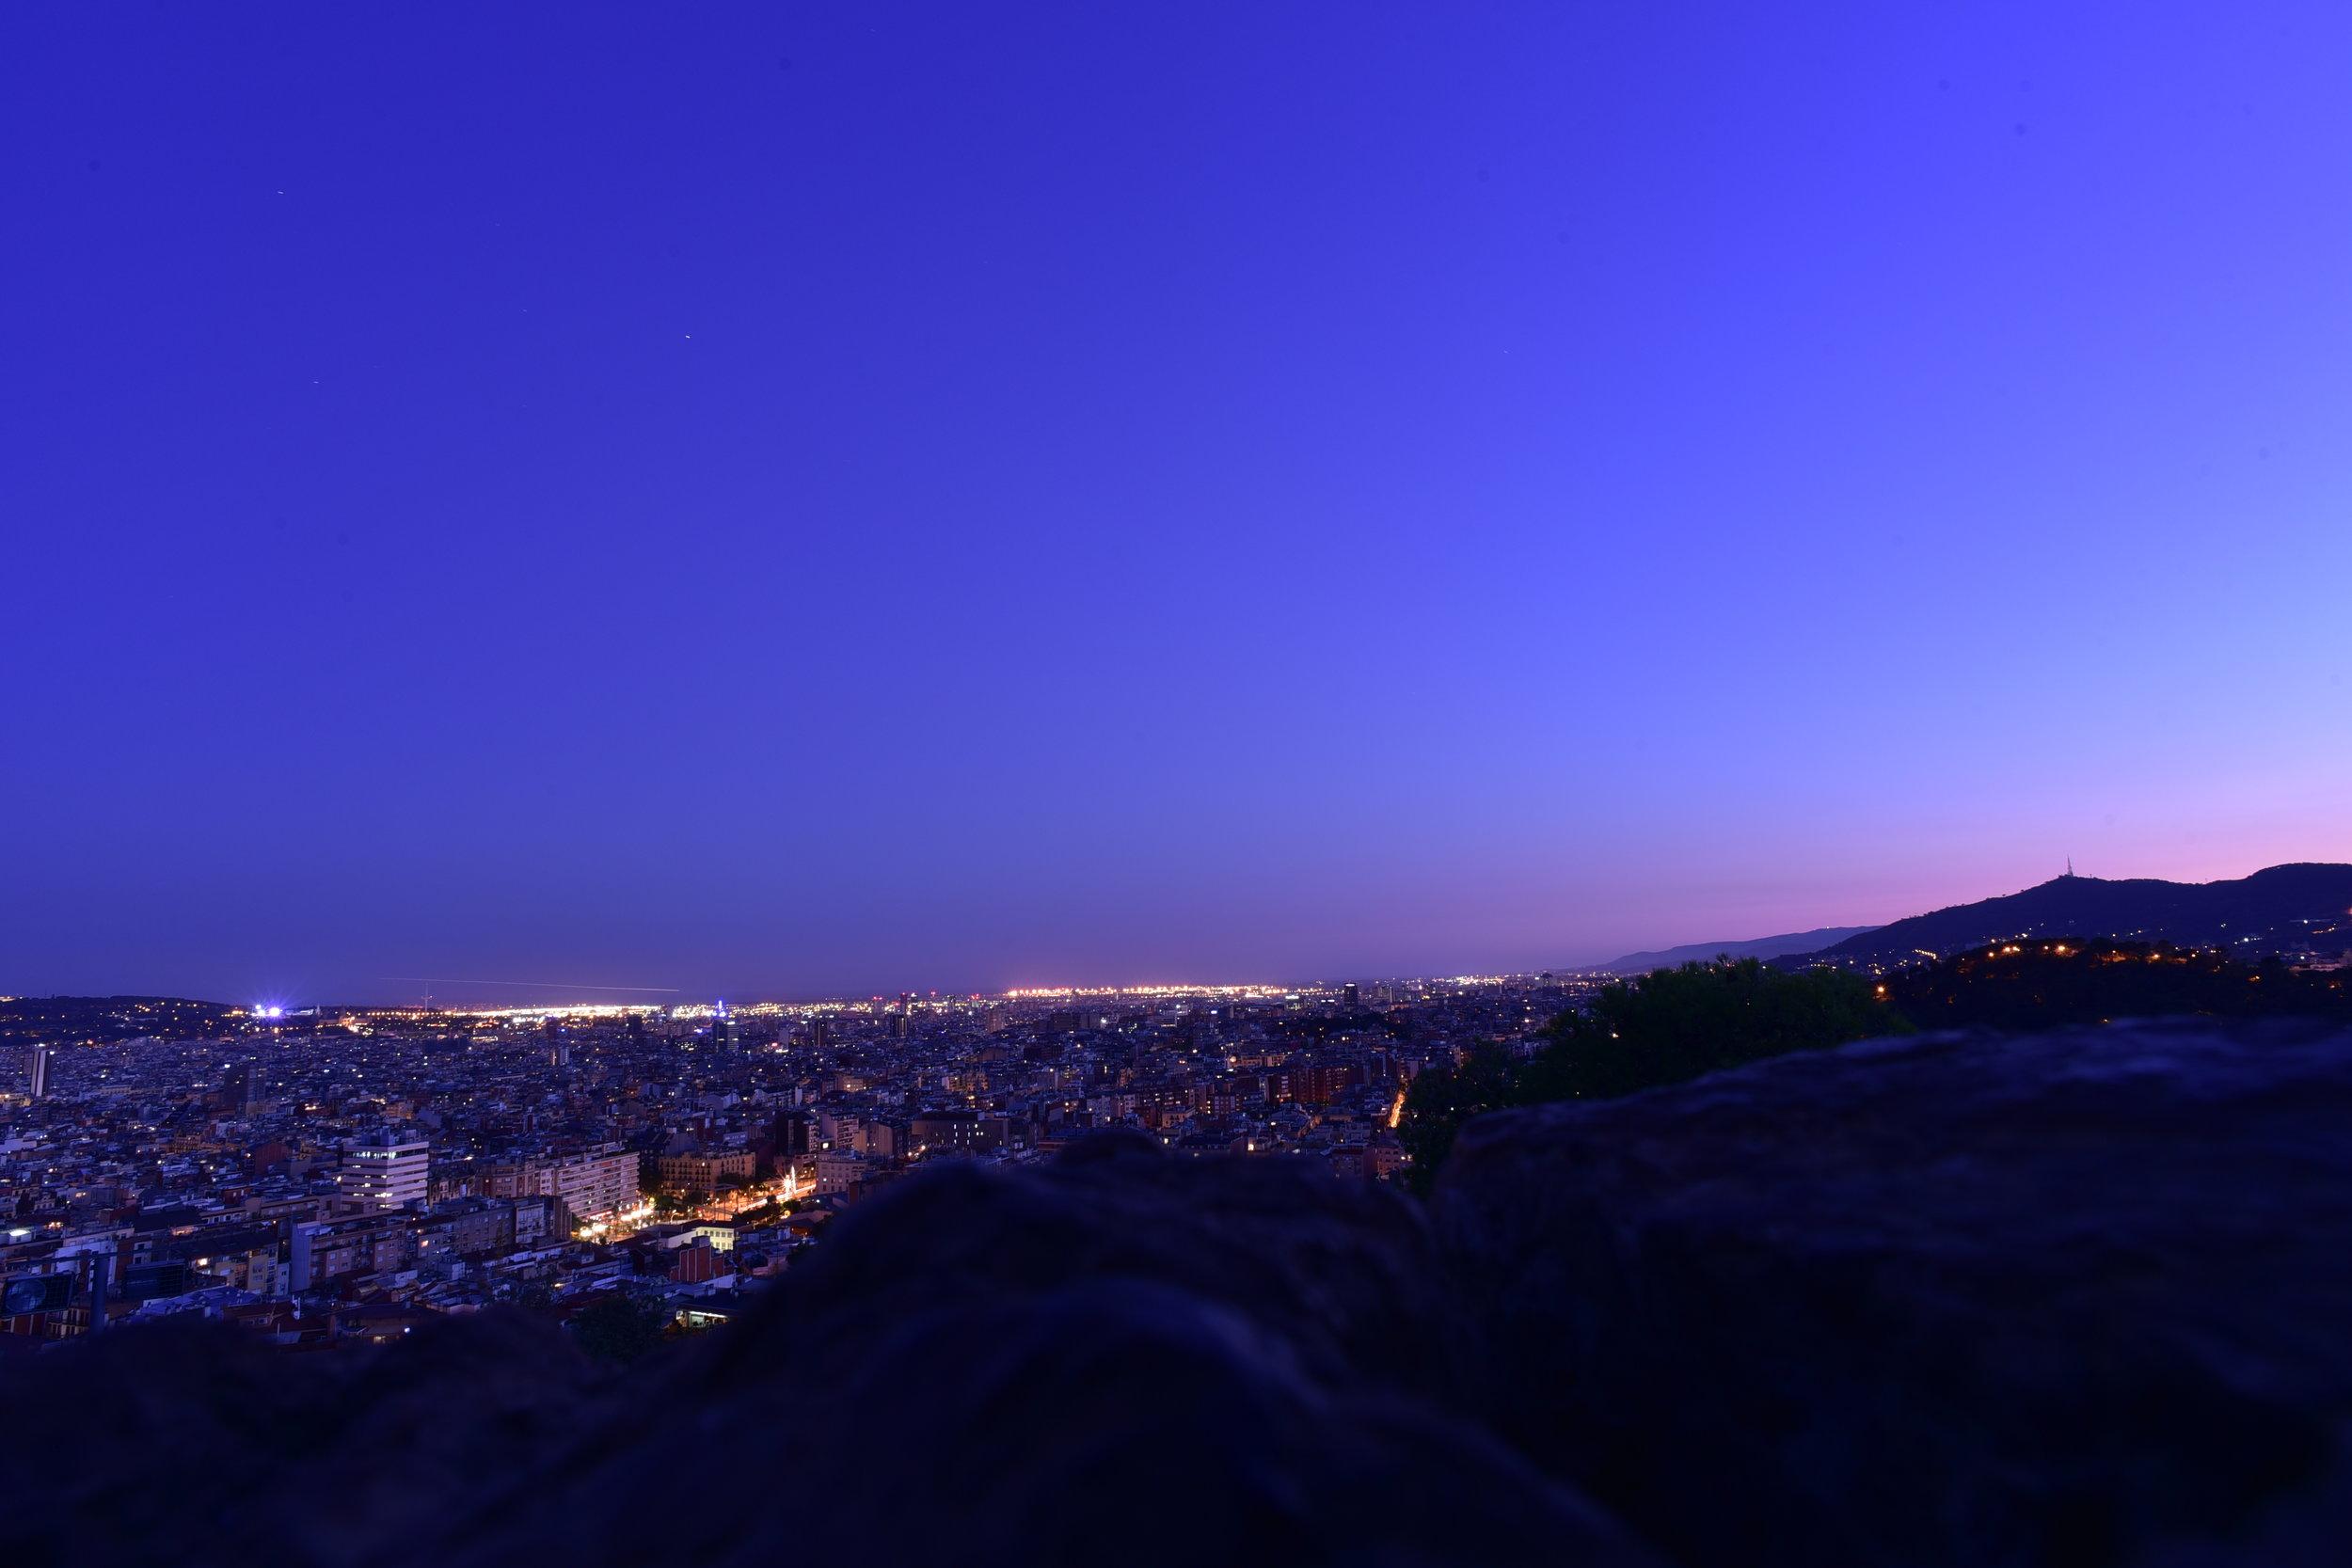 Nightfall at Turó de les Tres Creus